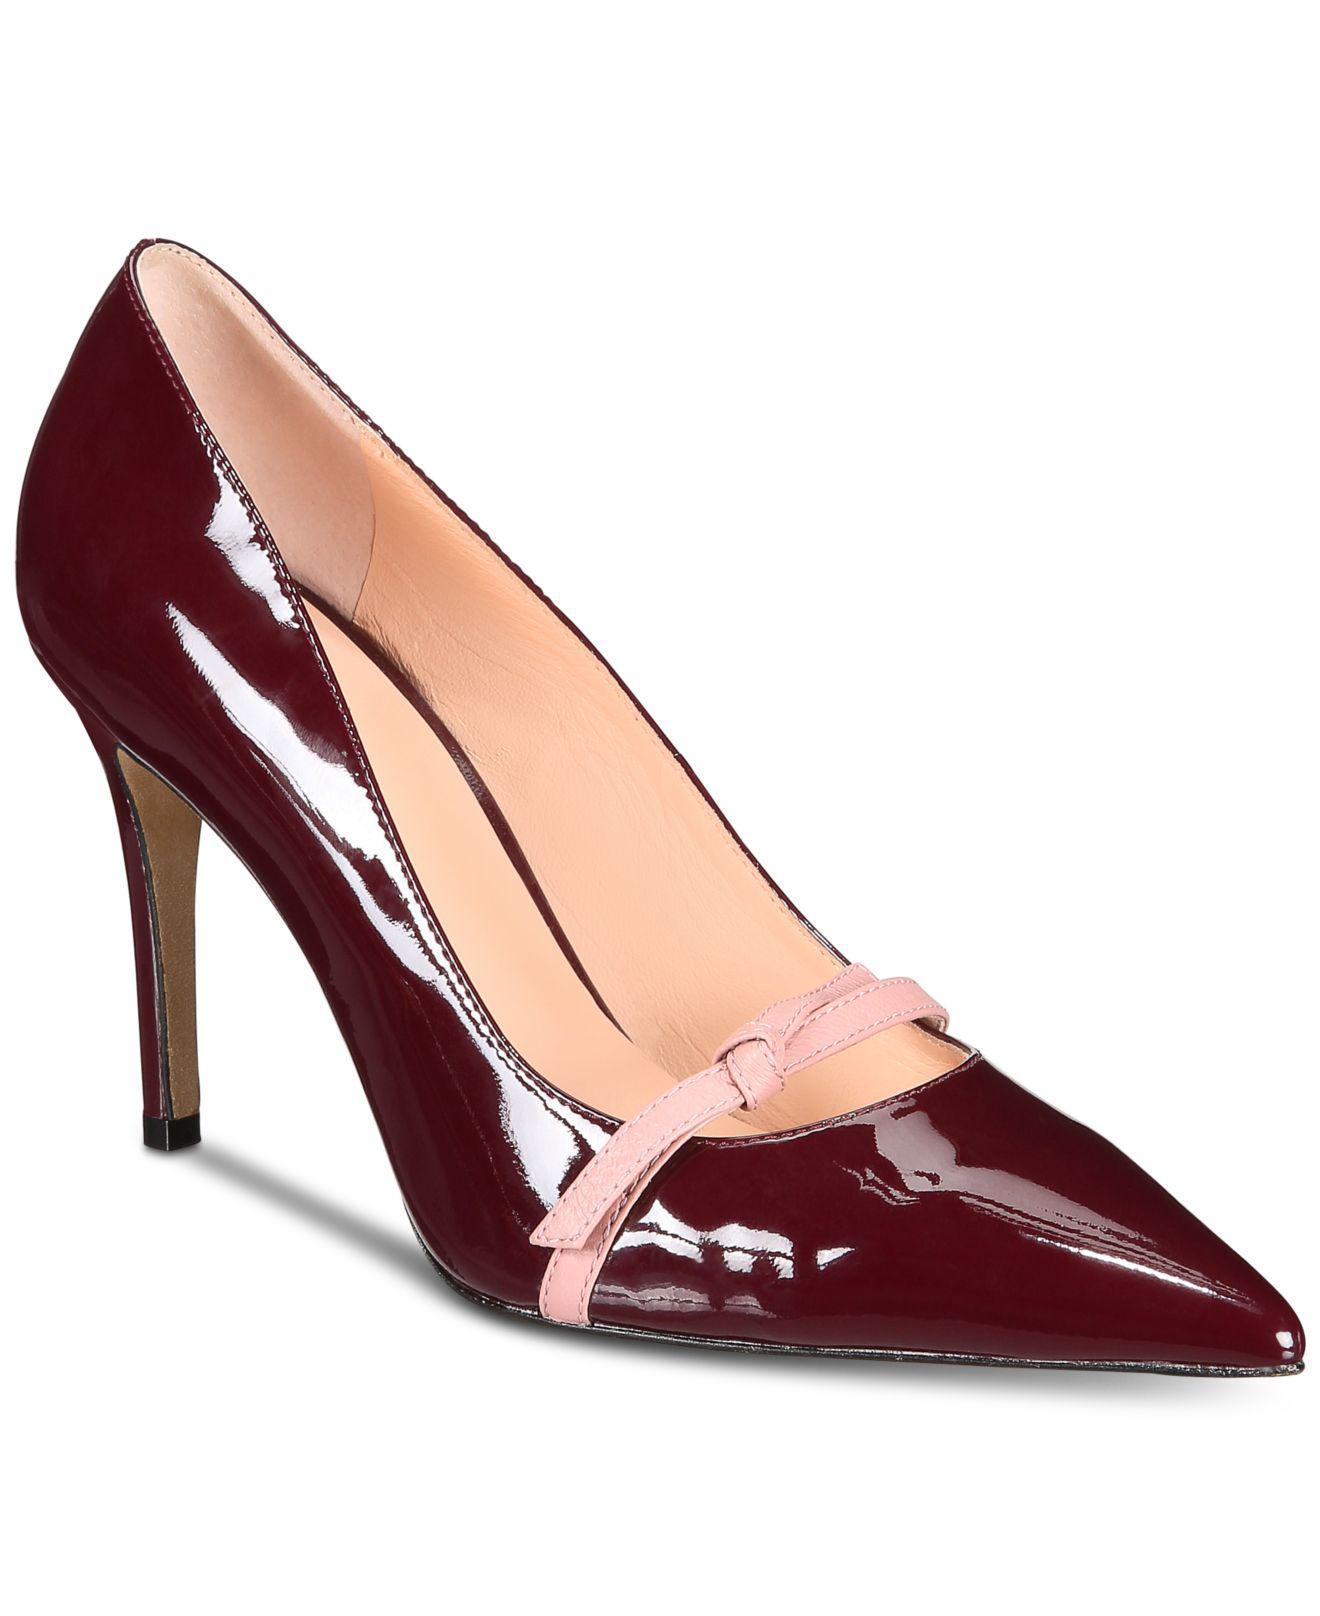 Kate Spade Leather Viola Heels - Lyst